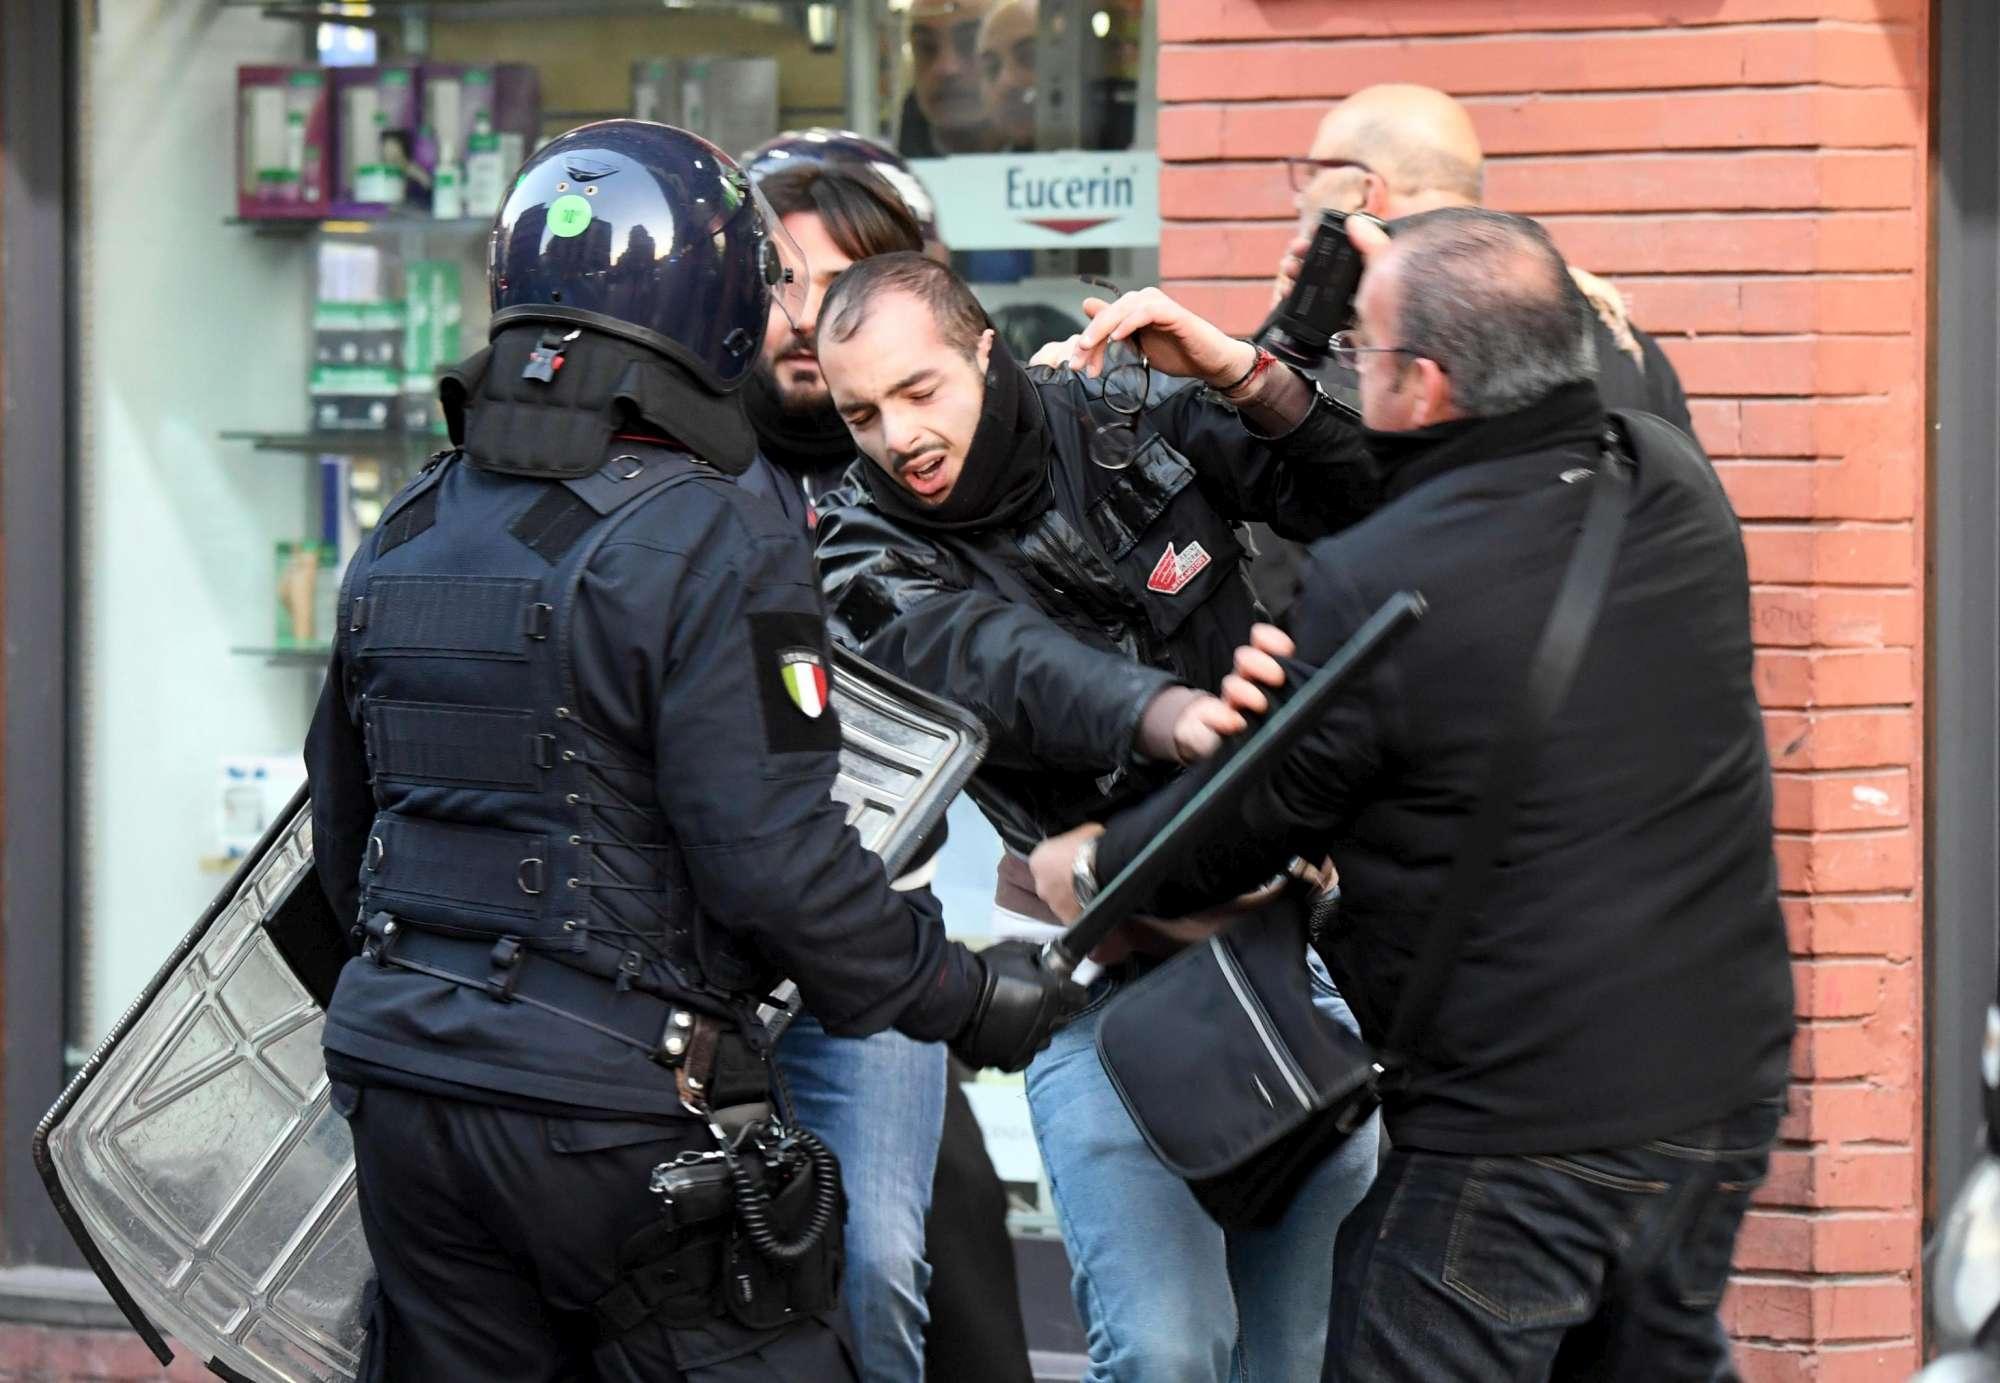 Napoli, proteste contro la visita di Matteo Salvini: scontri con la polizia